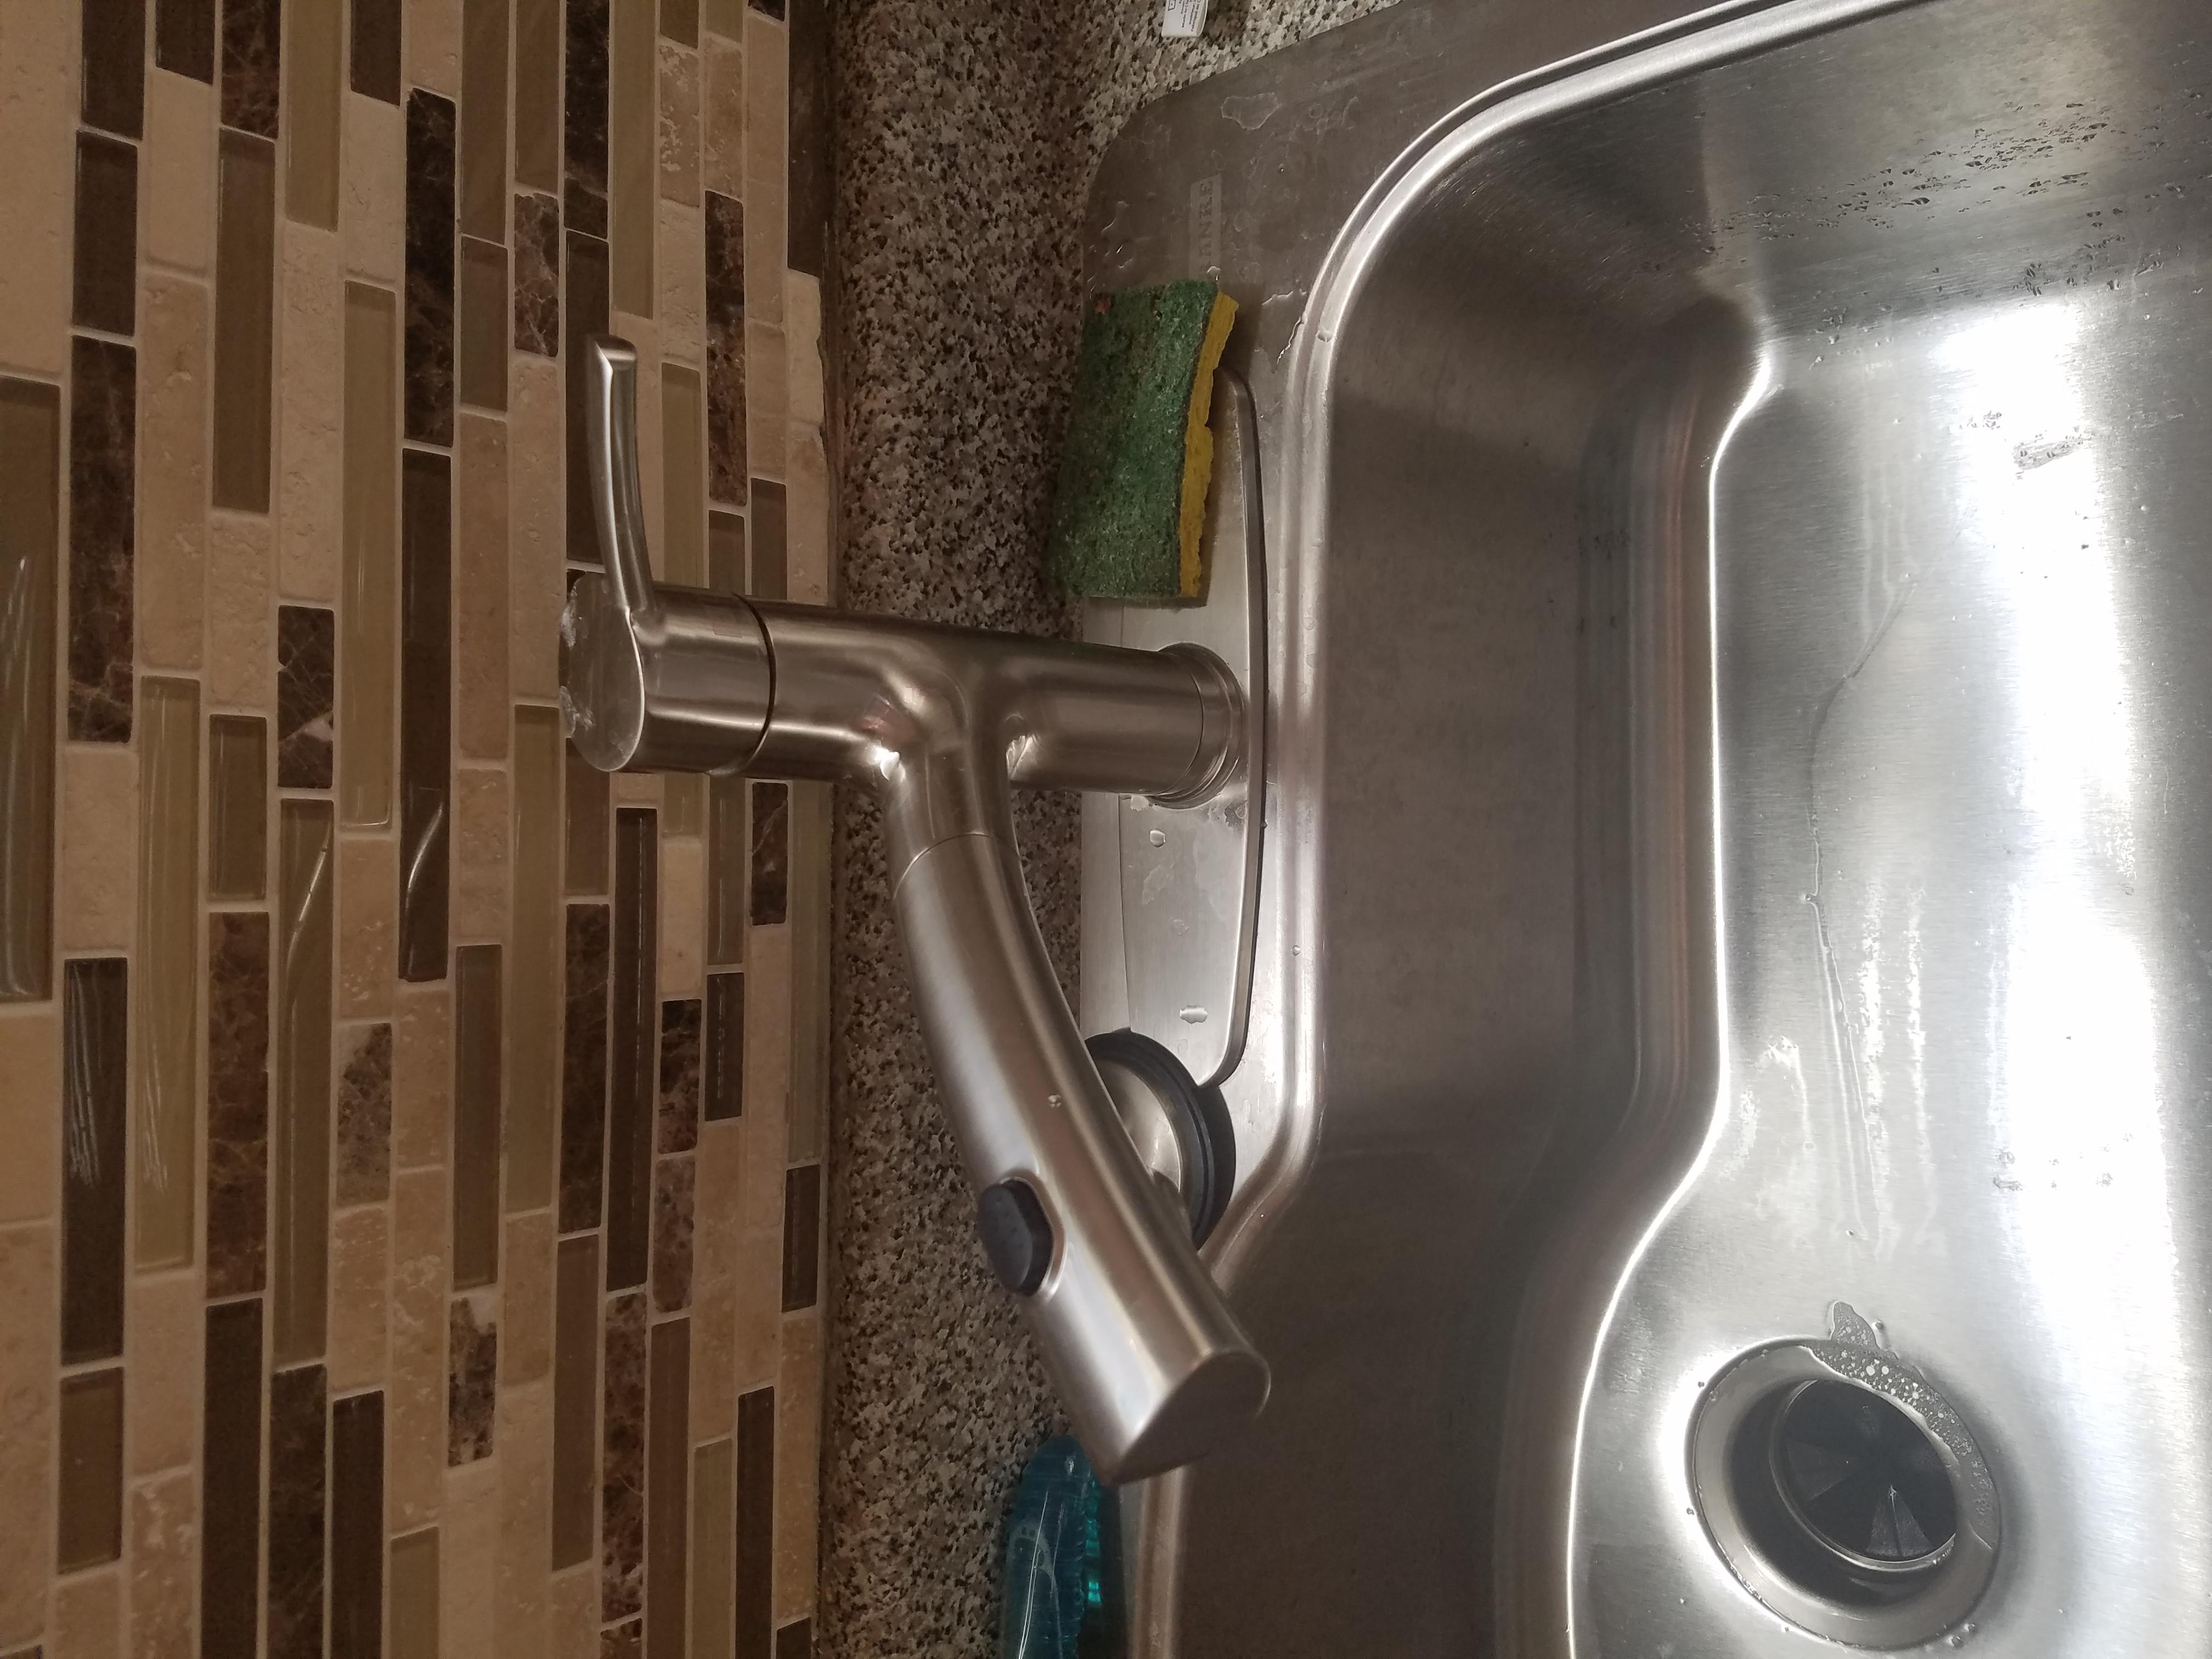 lost pressure in kitchen sink